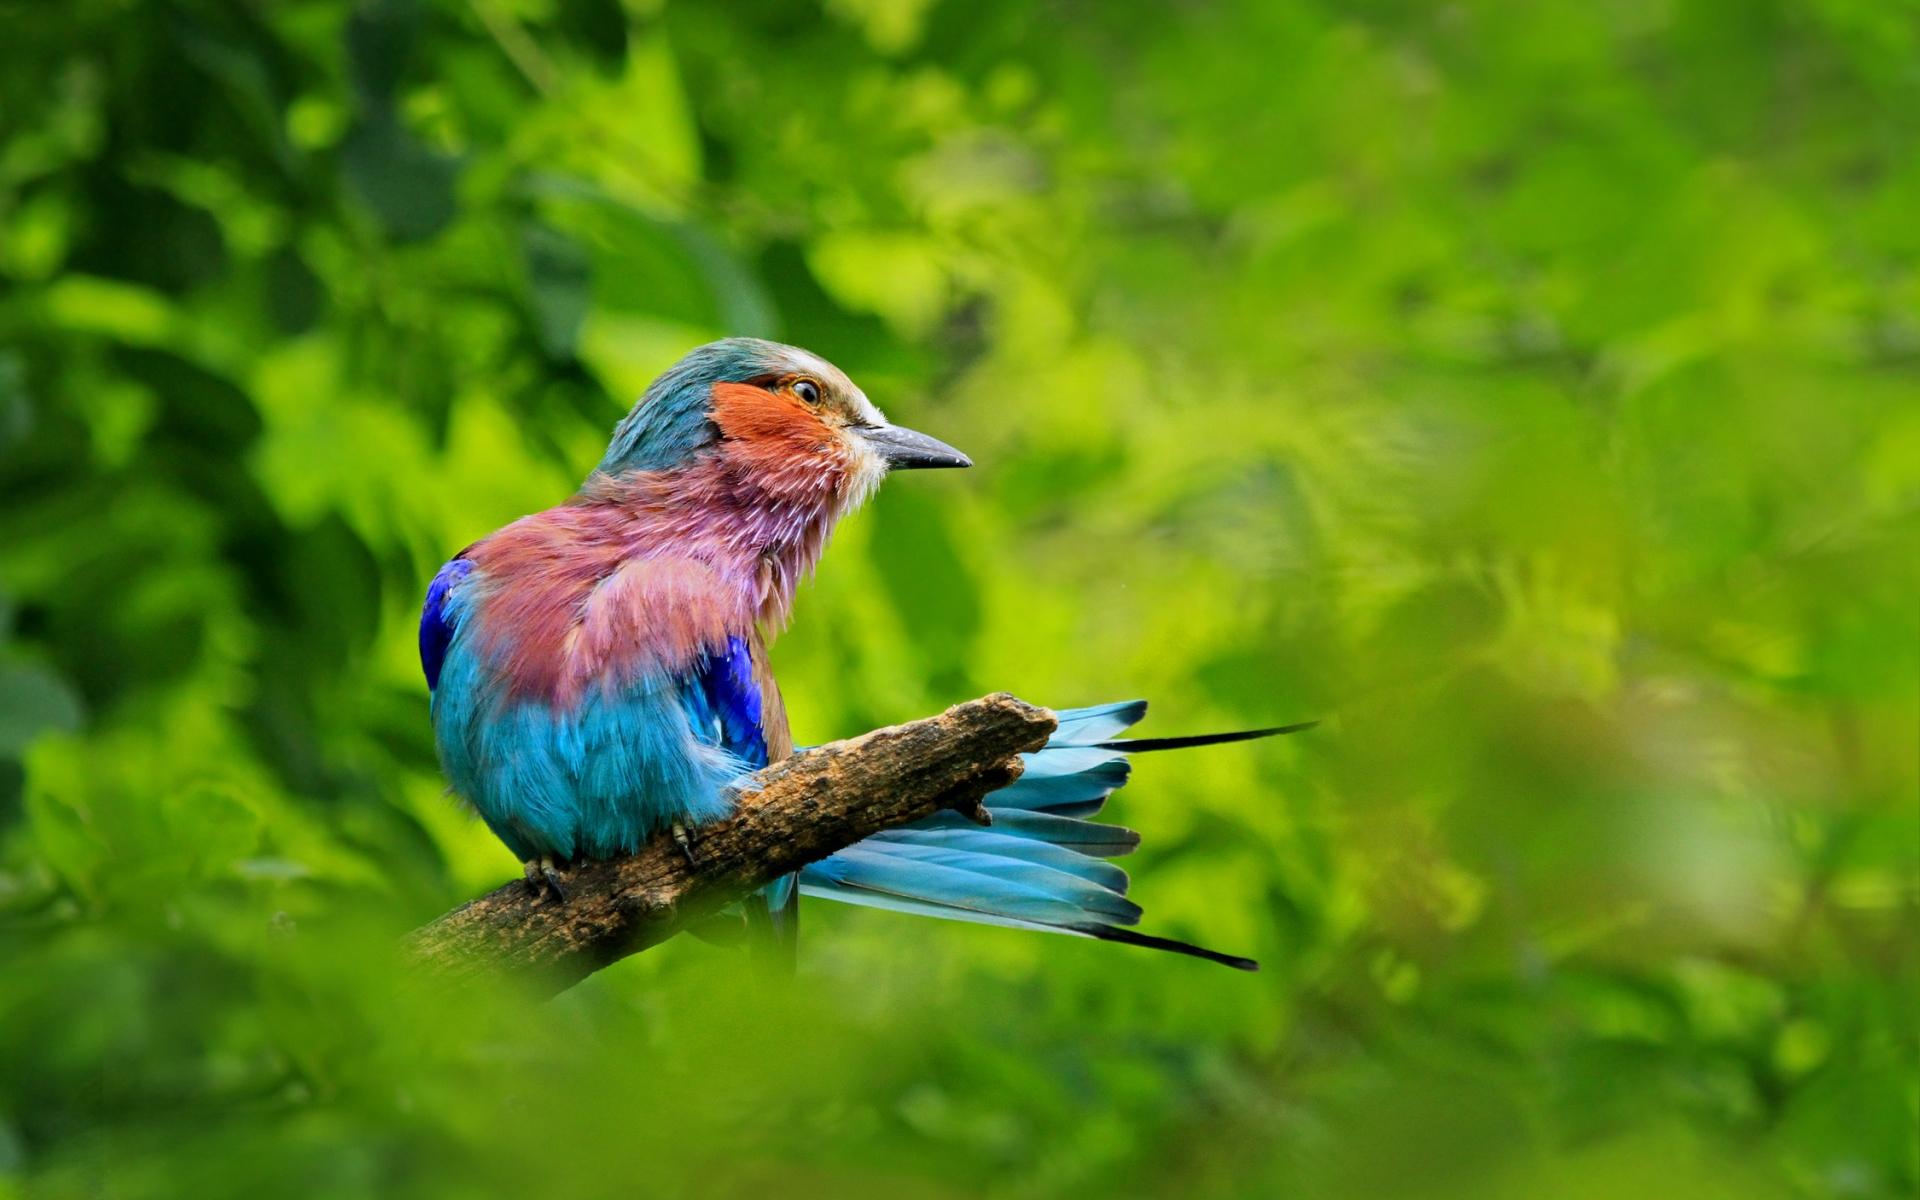 птичка ветка зелень bird branch greens бесплатно